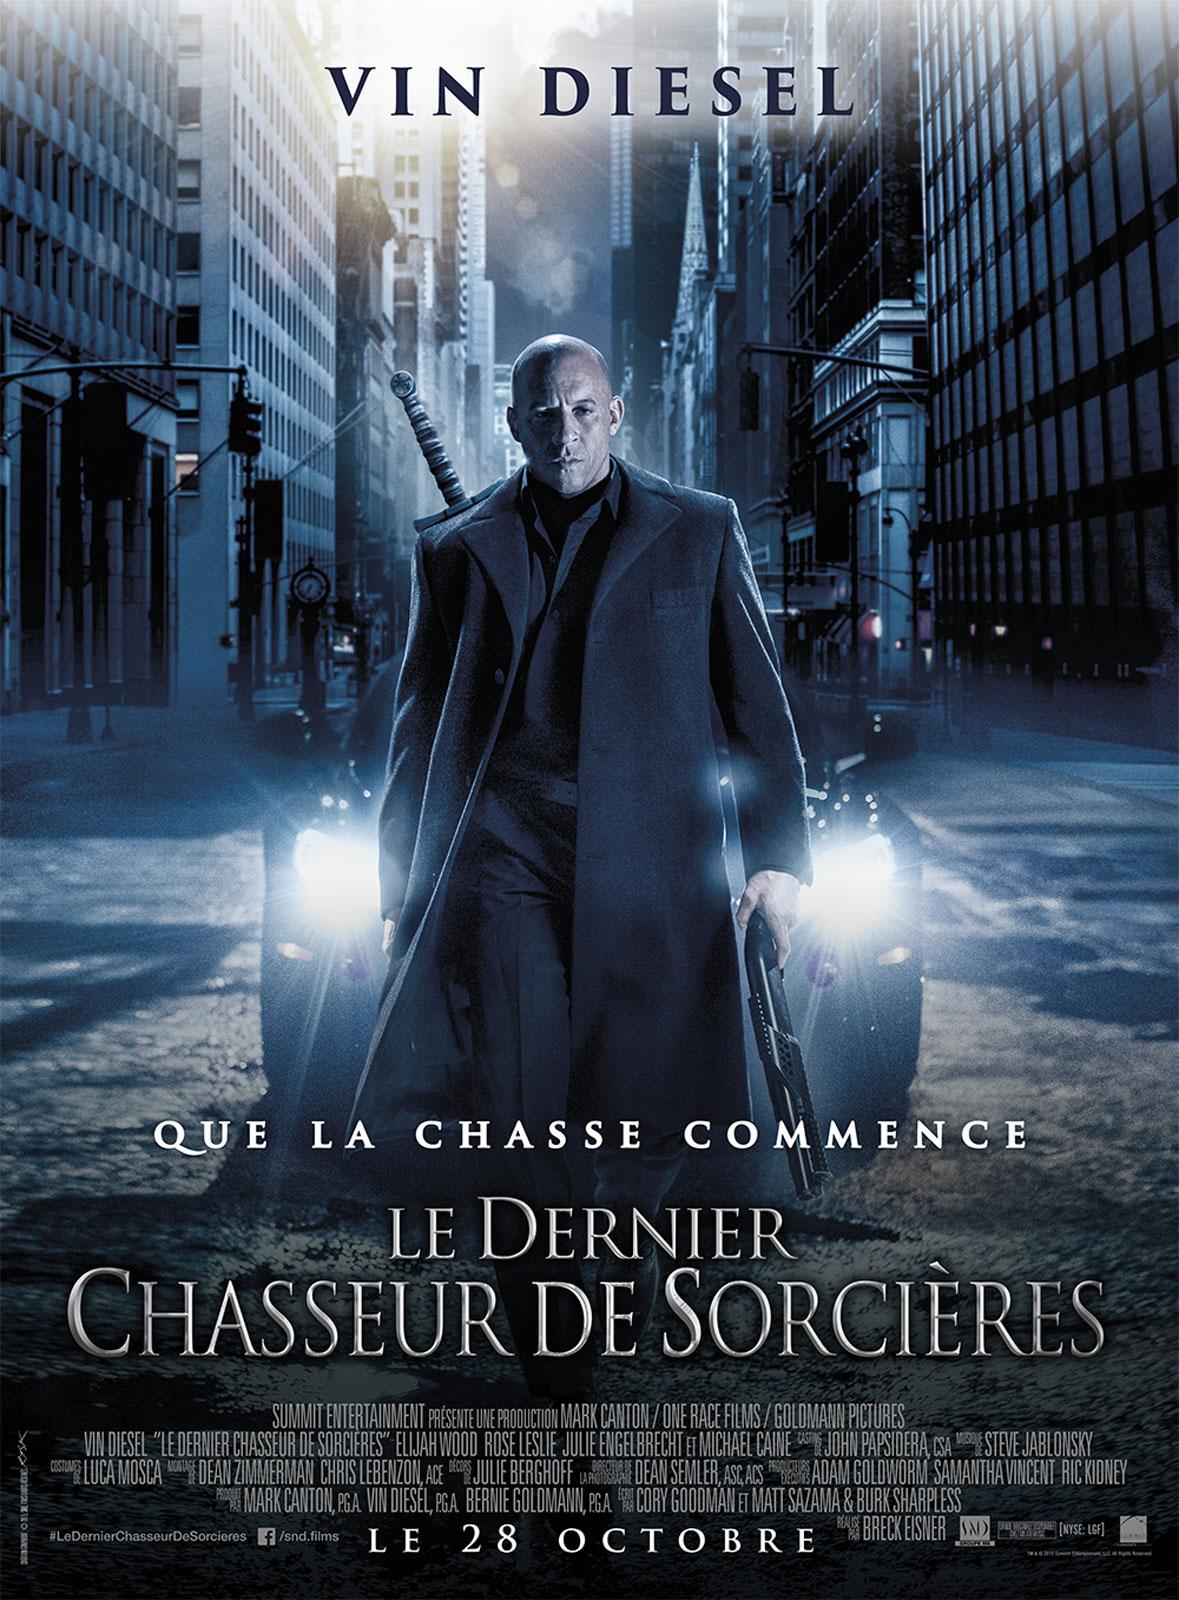 LA DE RIDDICK TÉLÉCHARGER POCHETTE DVD